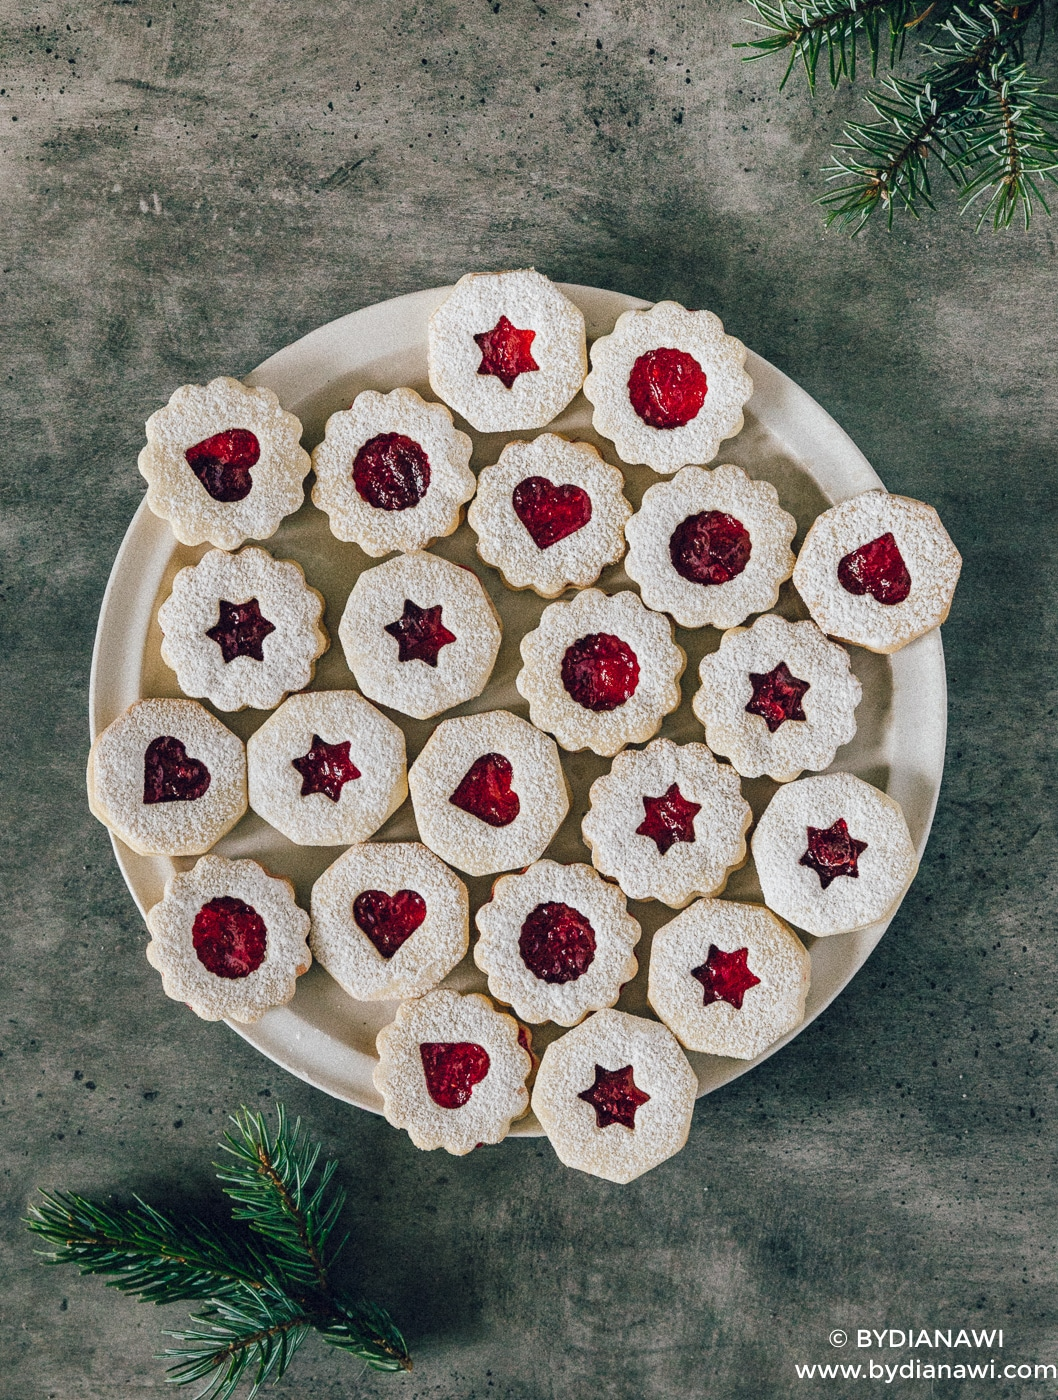 julesmåkager, hjemmelavet tranebær marmelade, småkagedej nem